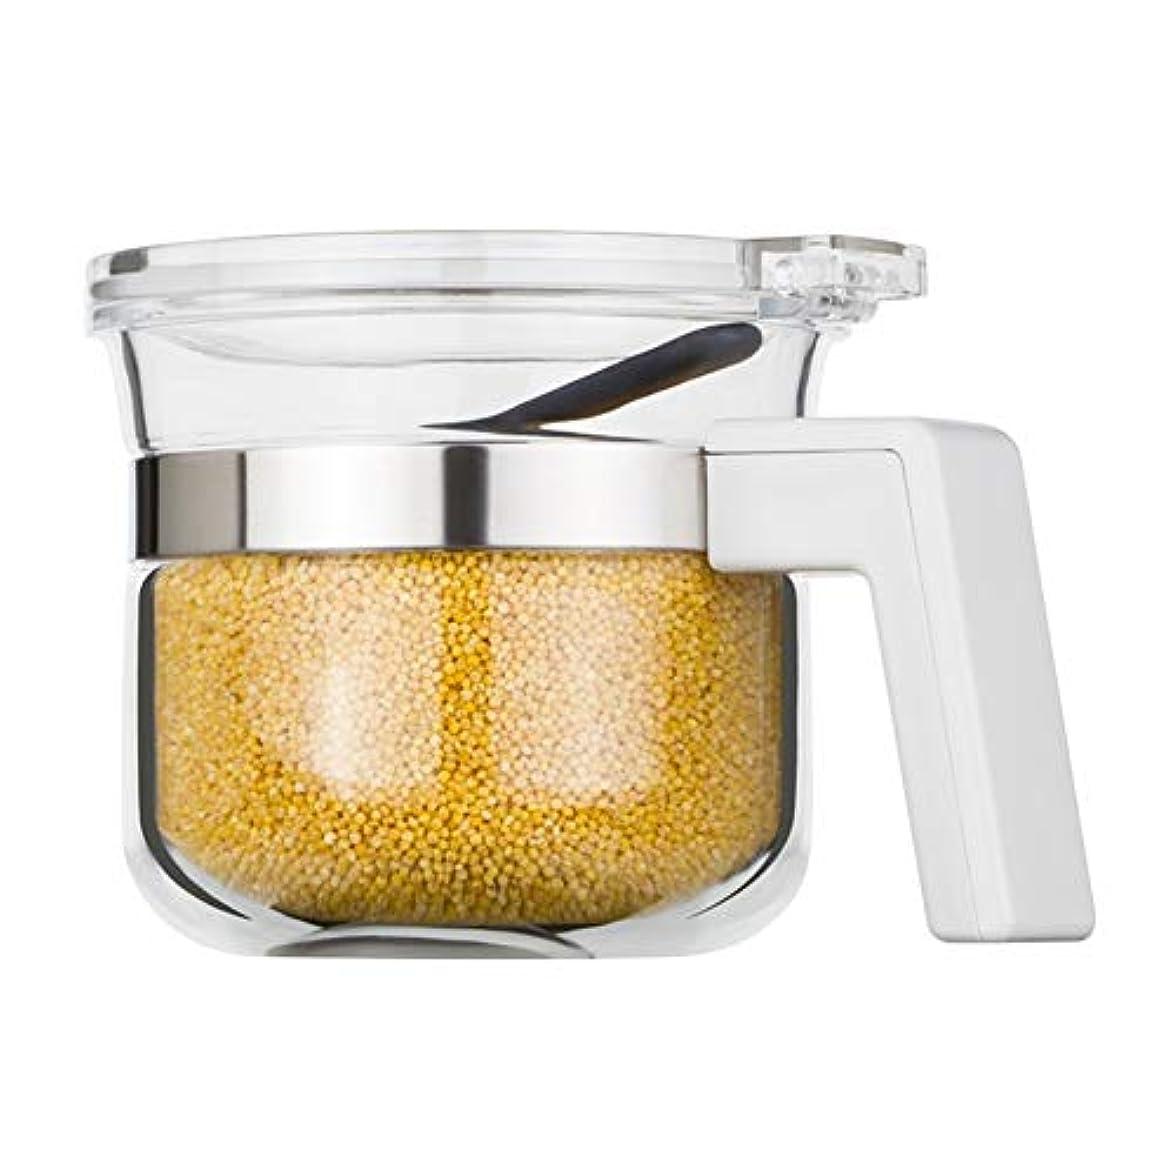 ルネッサンス休日イサカスパイスジャー、密閉された貯蔵タンクキッチン調味料貯蔵(450 ml、9.5 * 9.5 * 10.5 cm)